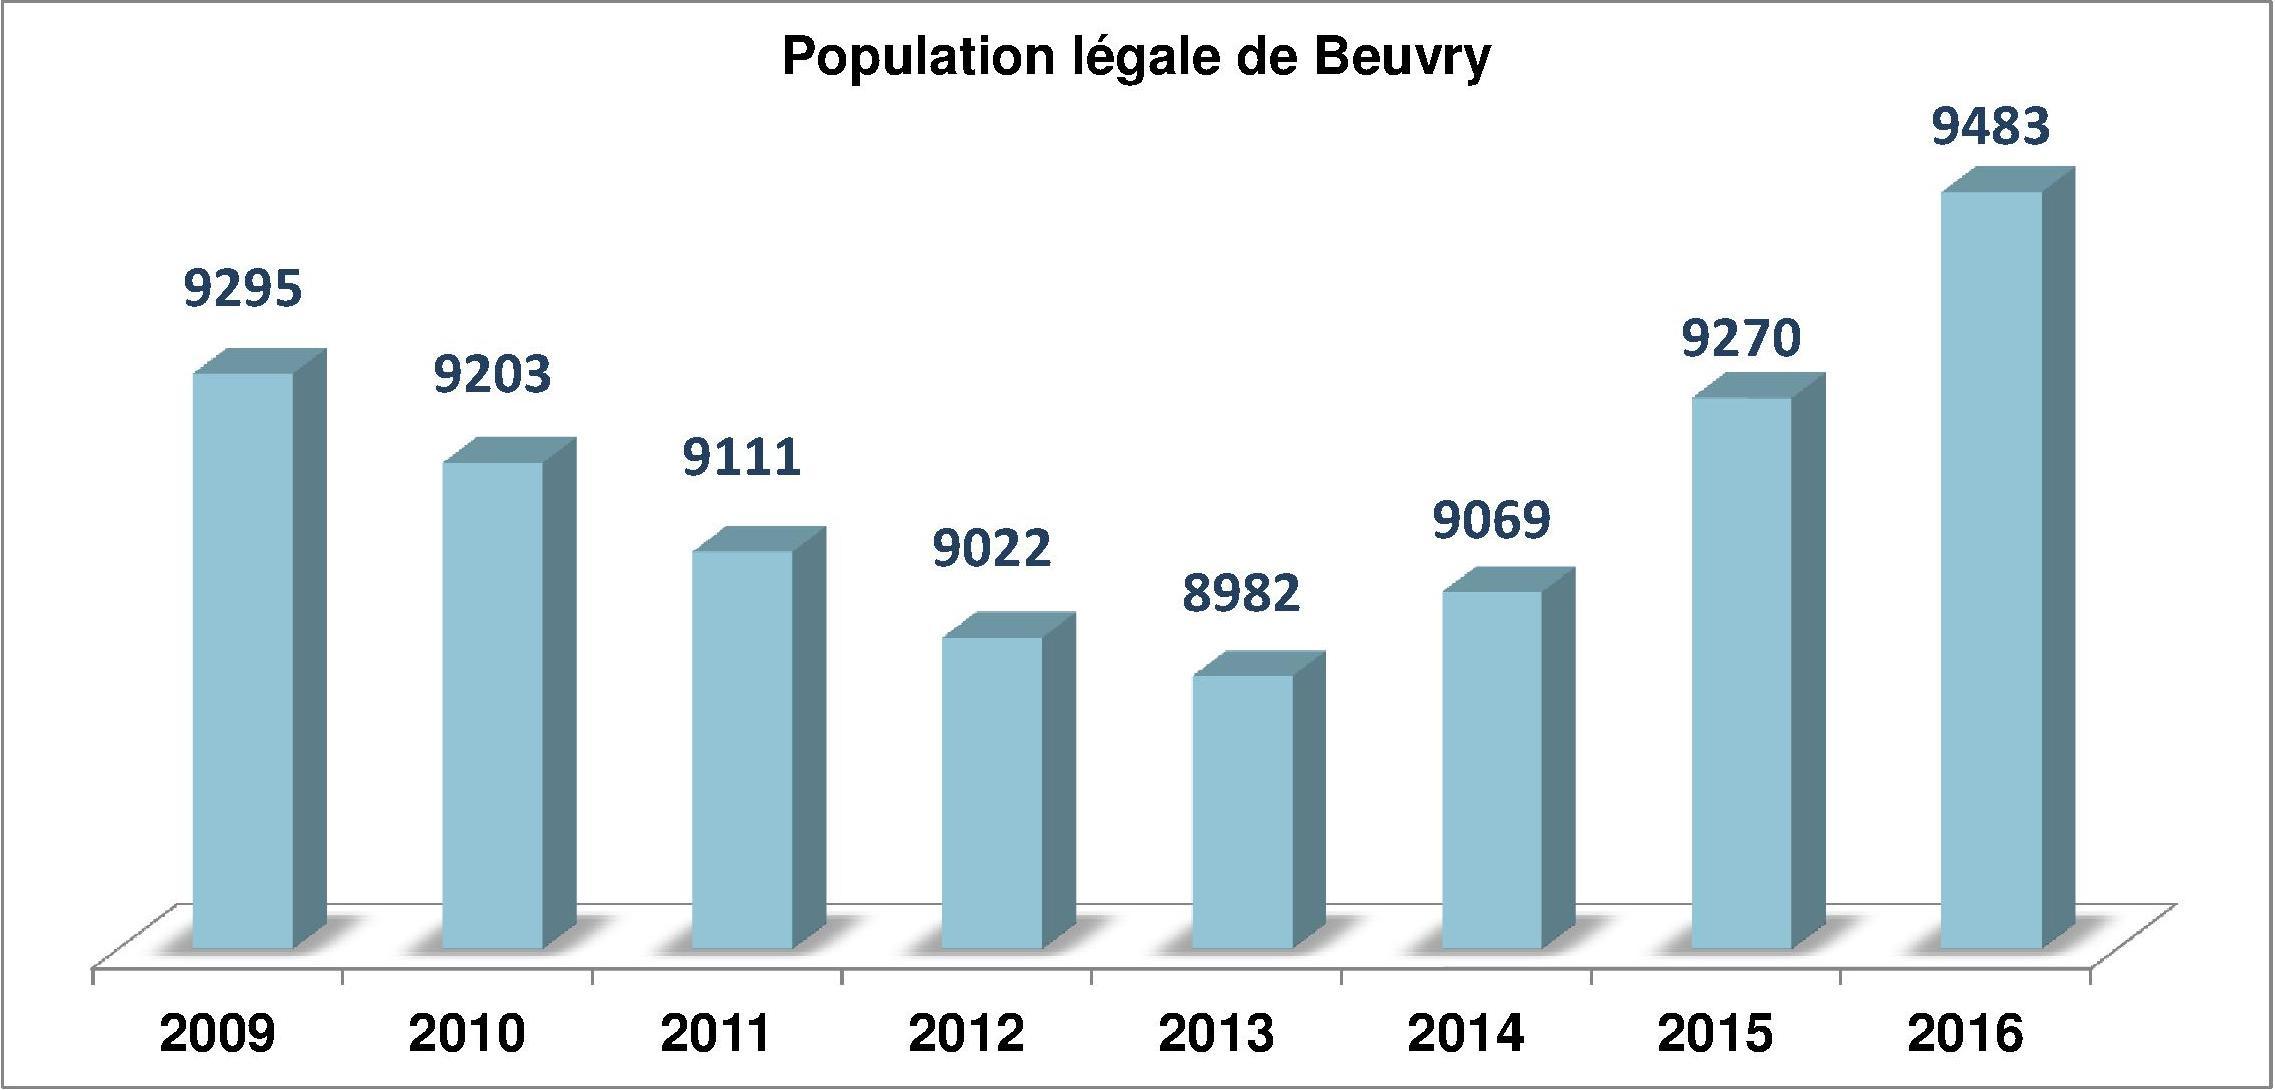 Population officielle de Beuvry au 1er janvier 2016 dans Le saviez-vous ? population1